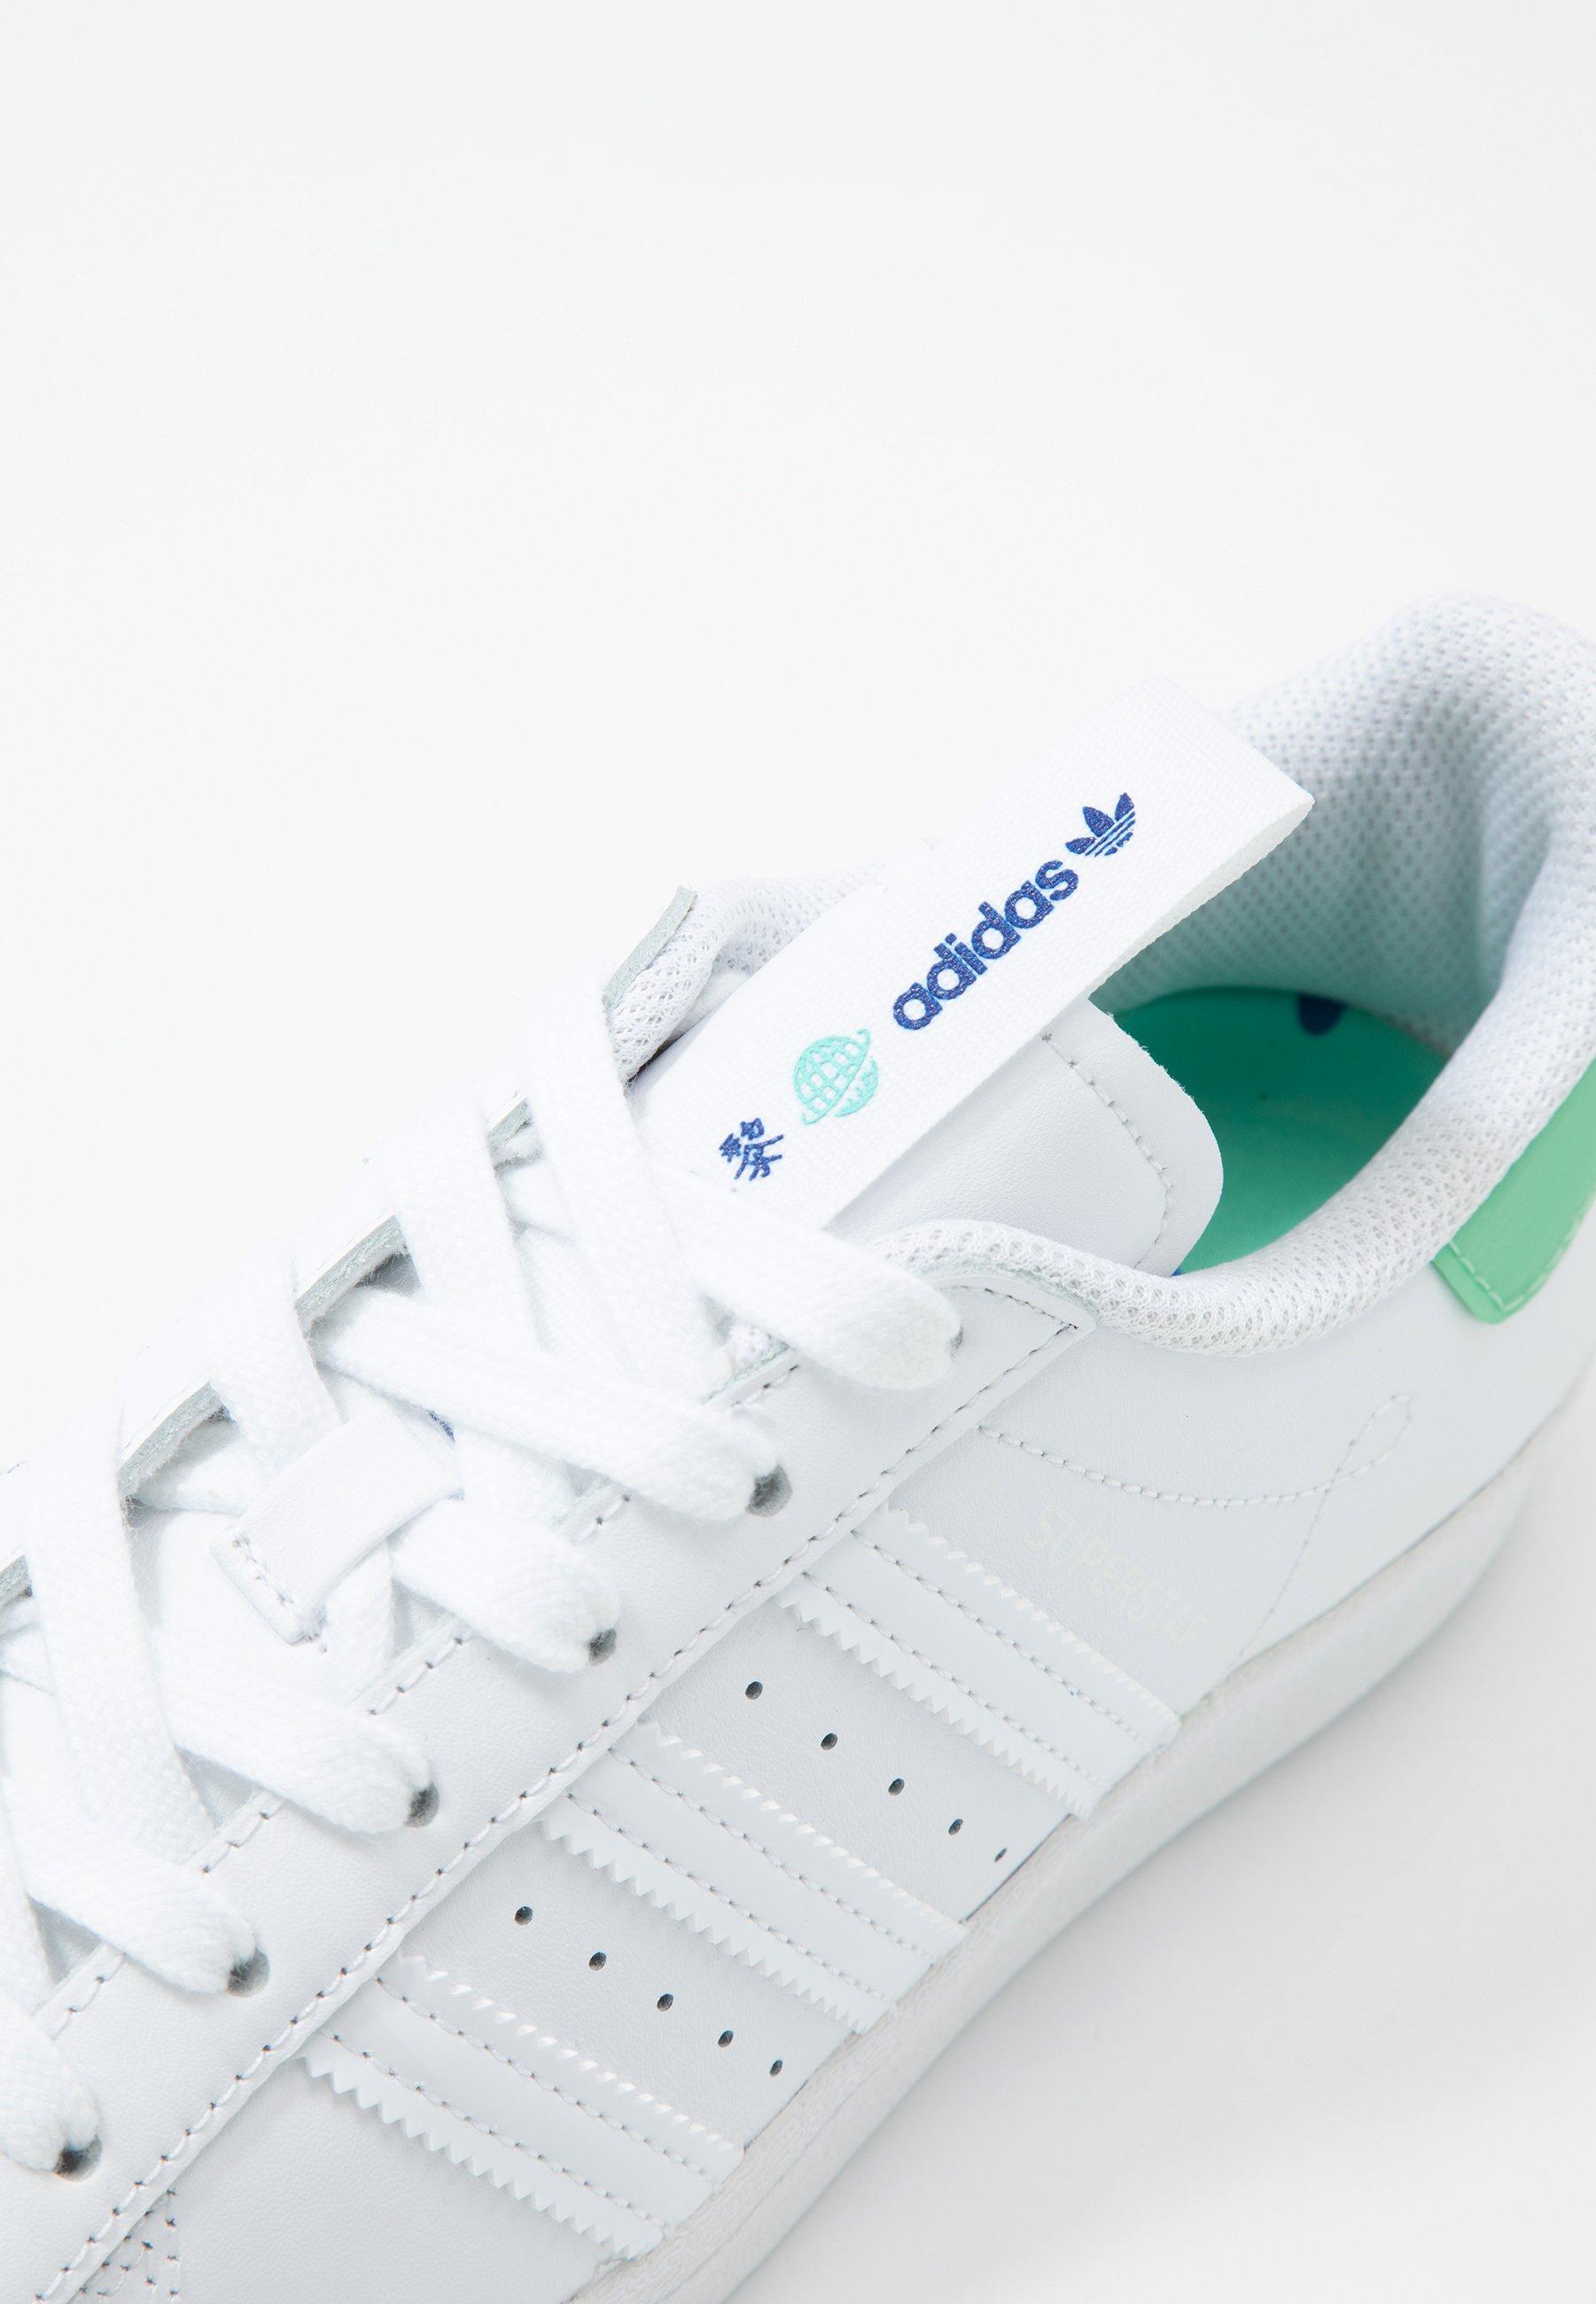 100% autentico Scarpe da uomo adidas Originals SUPERSTAR Sneakers basse footwear white/prism mint/collegiate royal